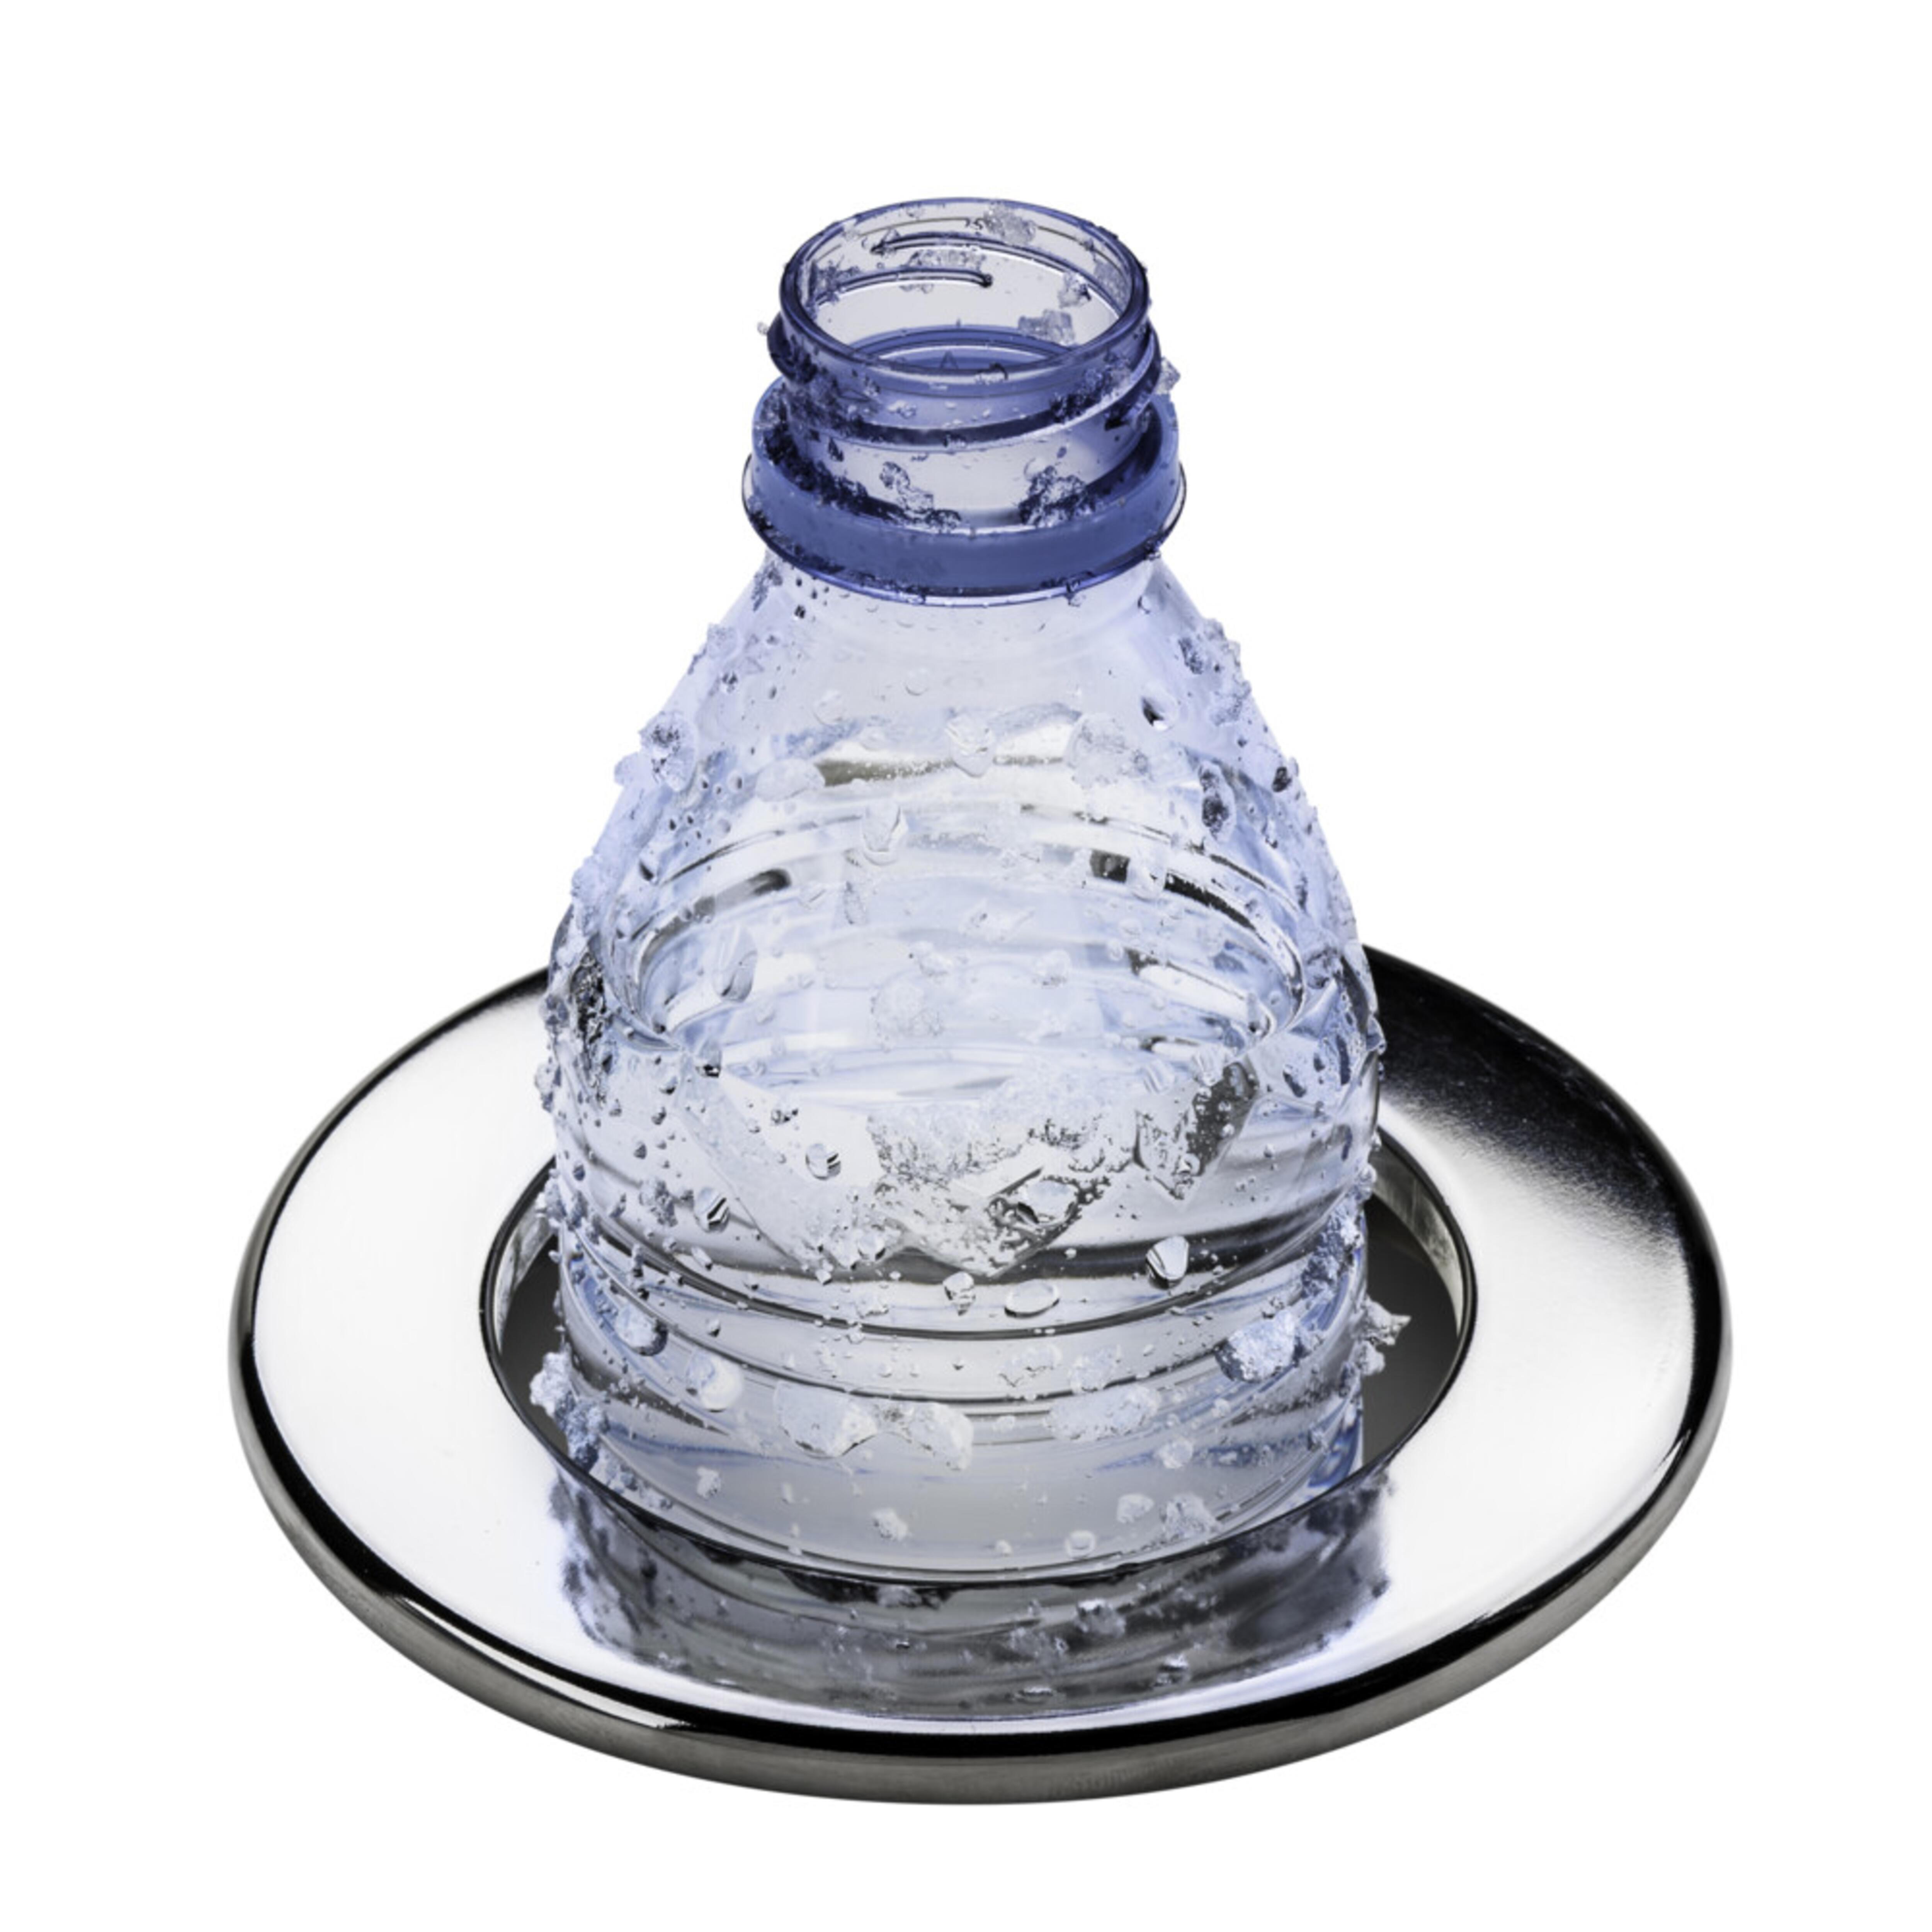 Dometic Eskimo Cup